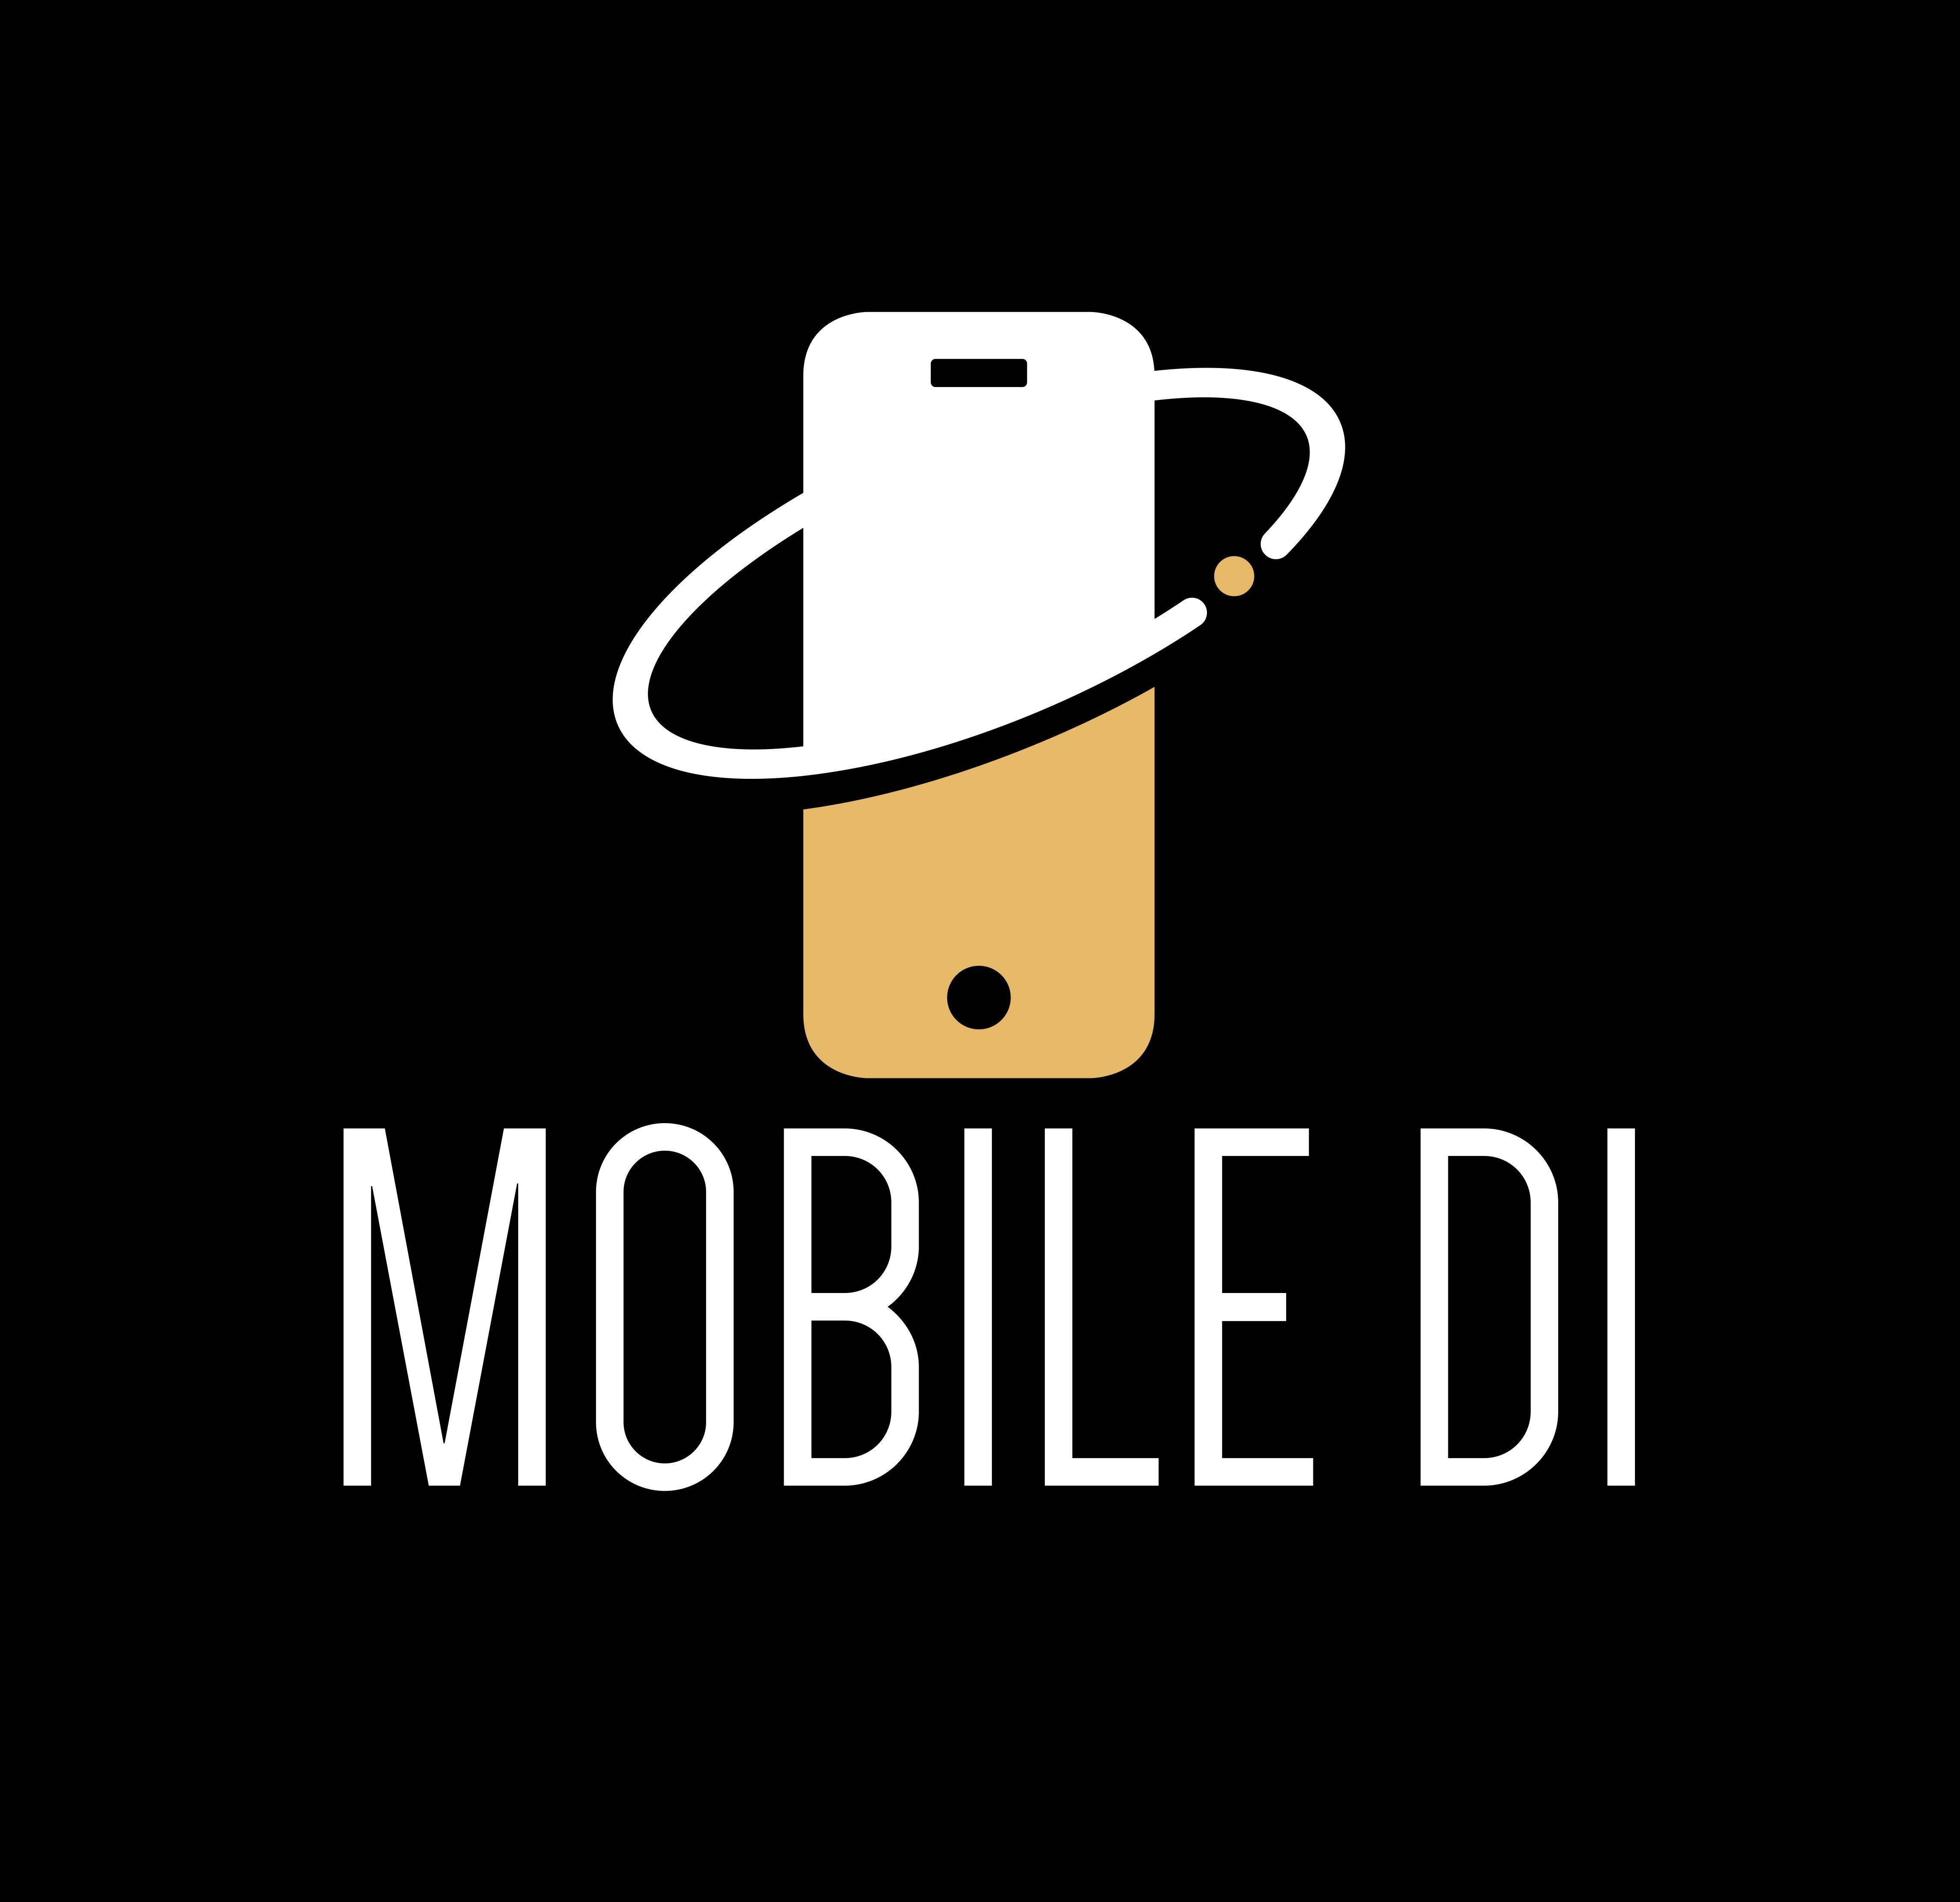 Mobile-di logo